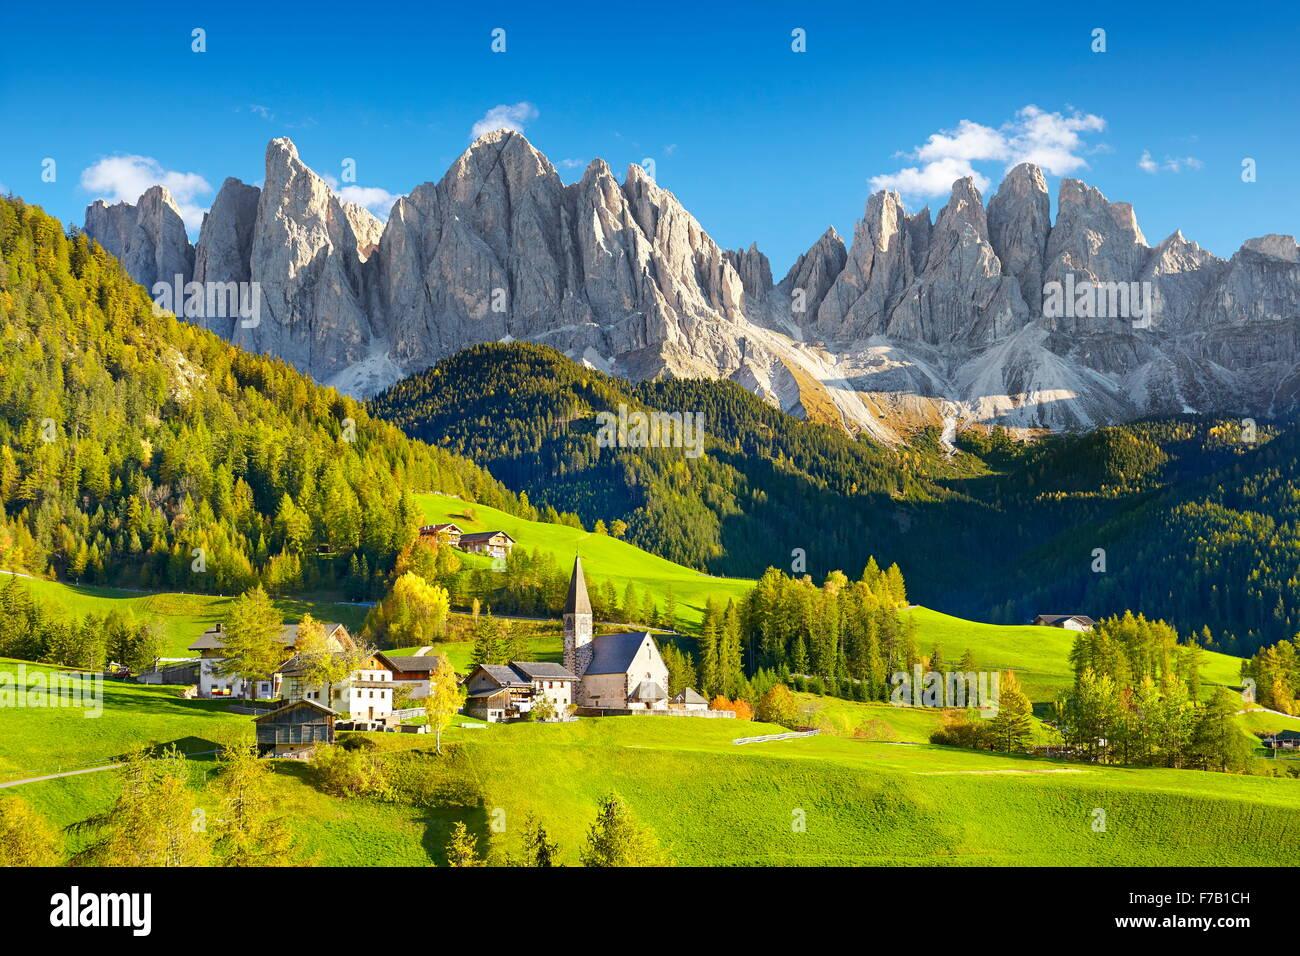 Parc Naturel Puez Odle, Montagnes des Dolomites, les Alpes européennes, le Tyrol du Sud, Italie Photo Stock